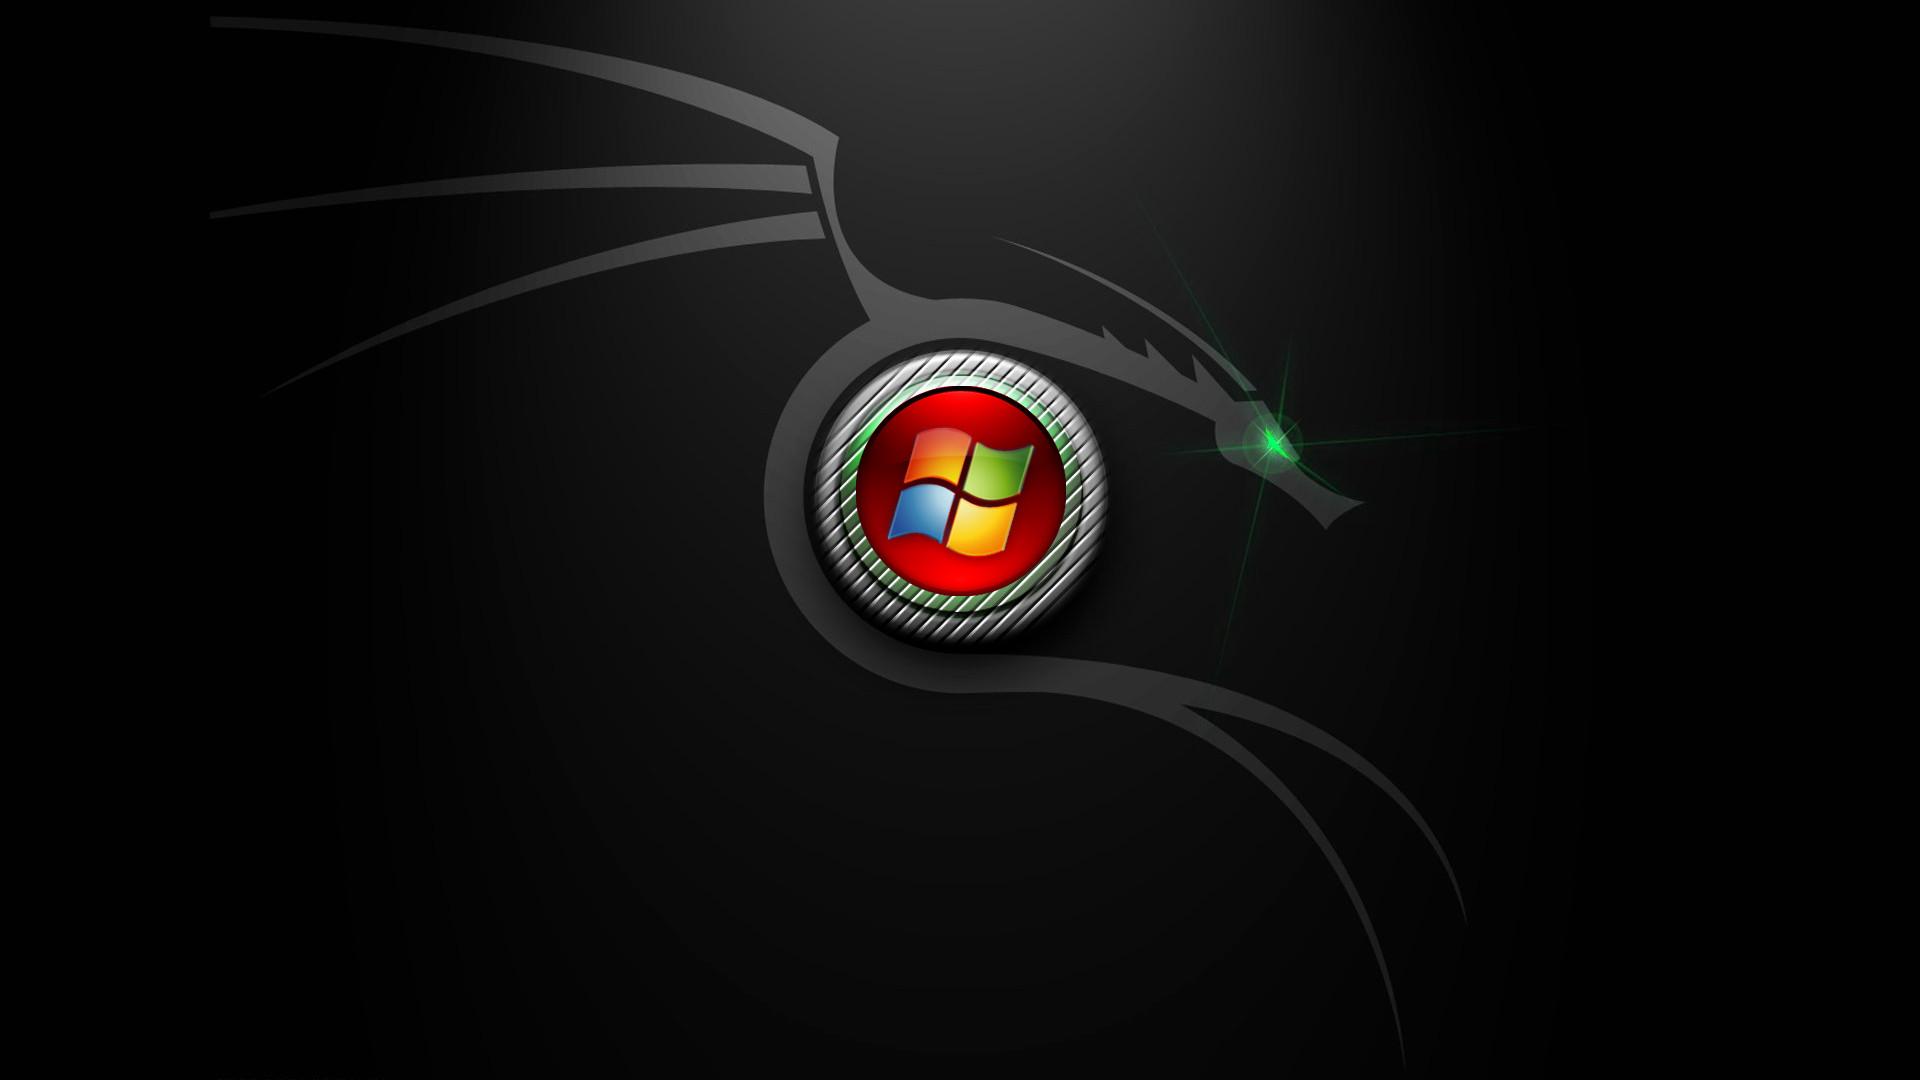 Res: 1920x1080, Windows 7 wallpaper 15